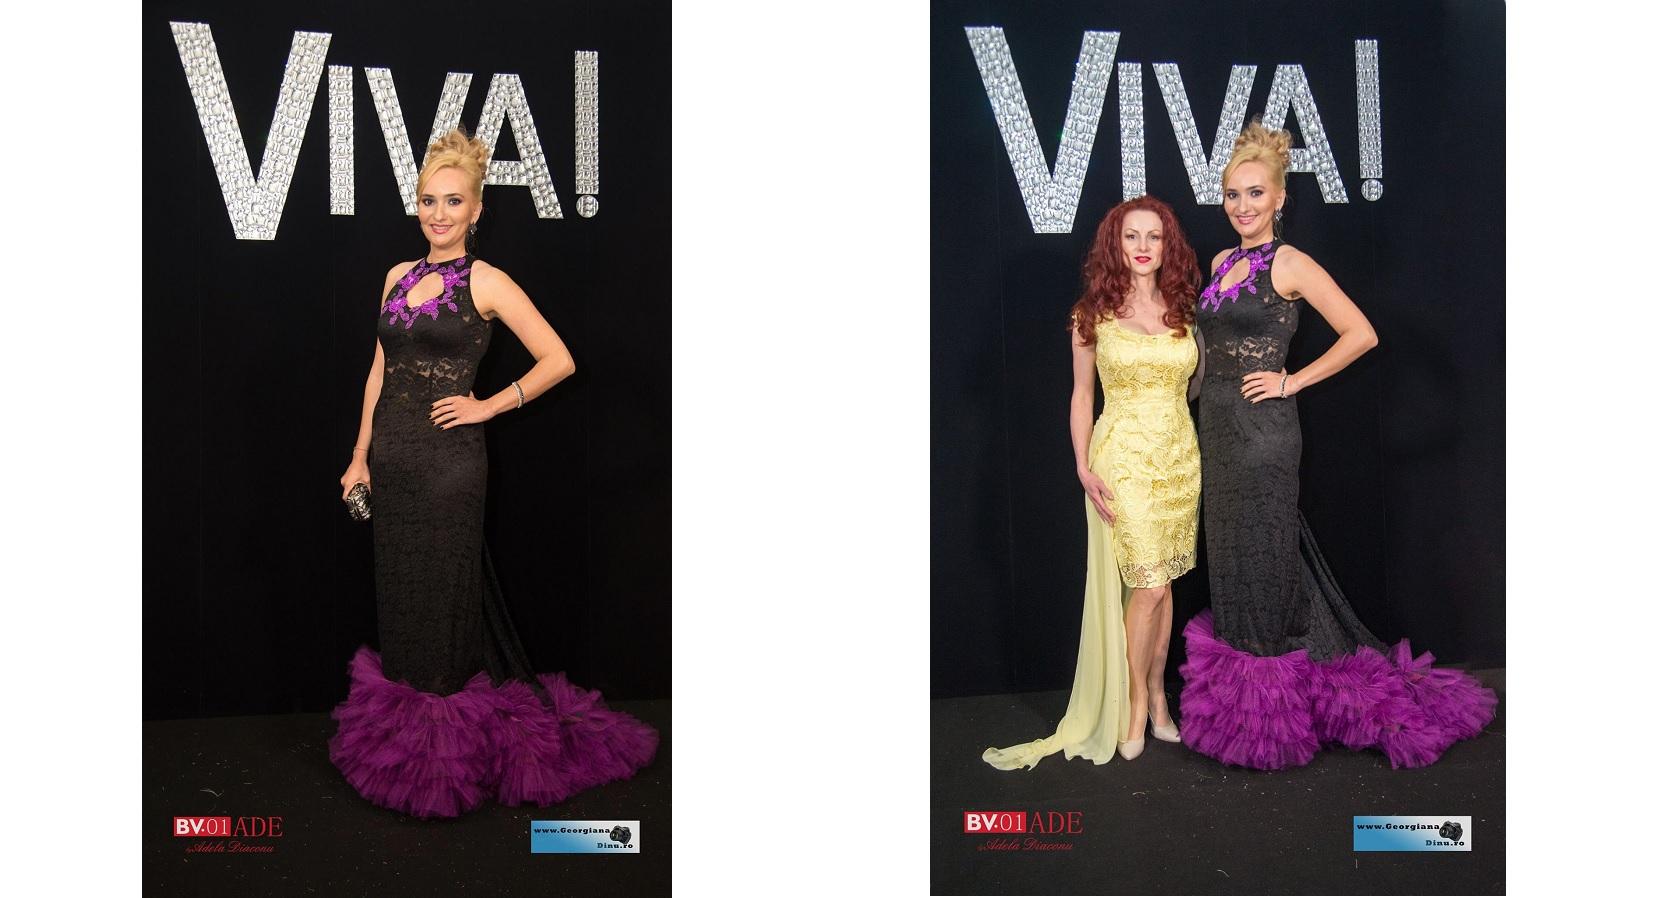 Andreea Banica, Adela Diaconu și Iulia Vantur, apariții de senzație la petrecerea Viva!